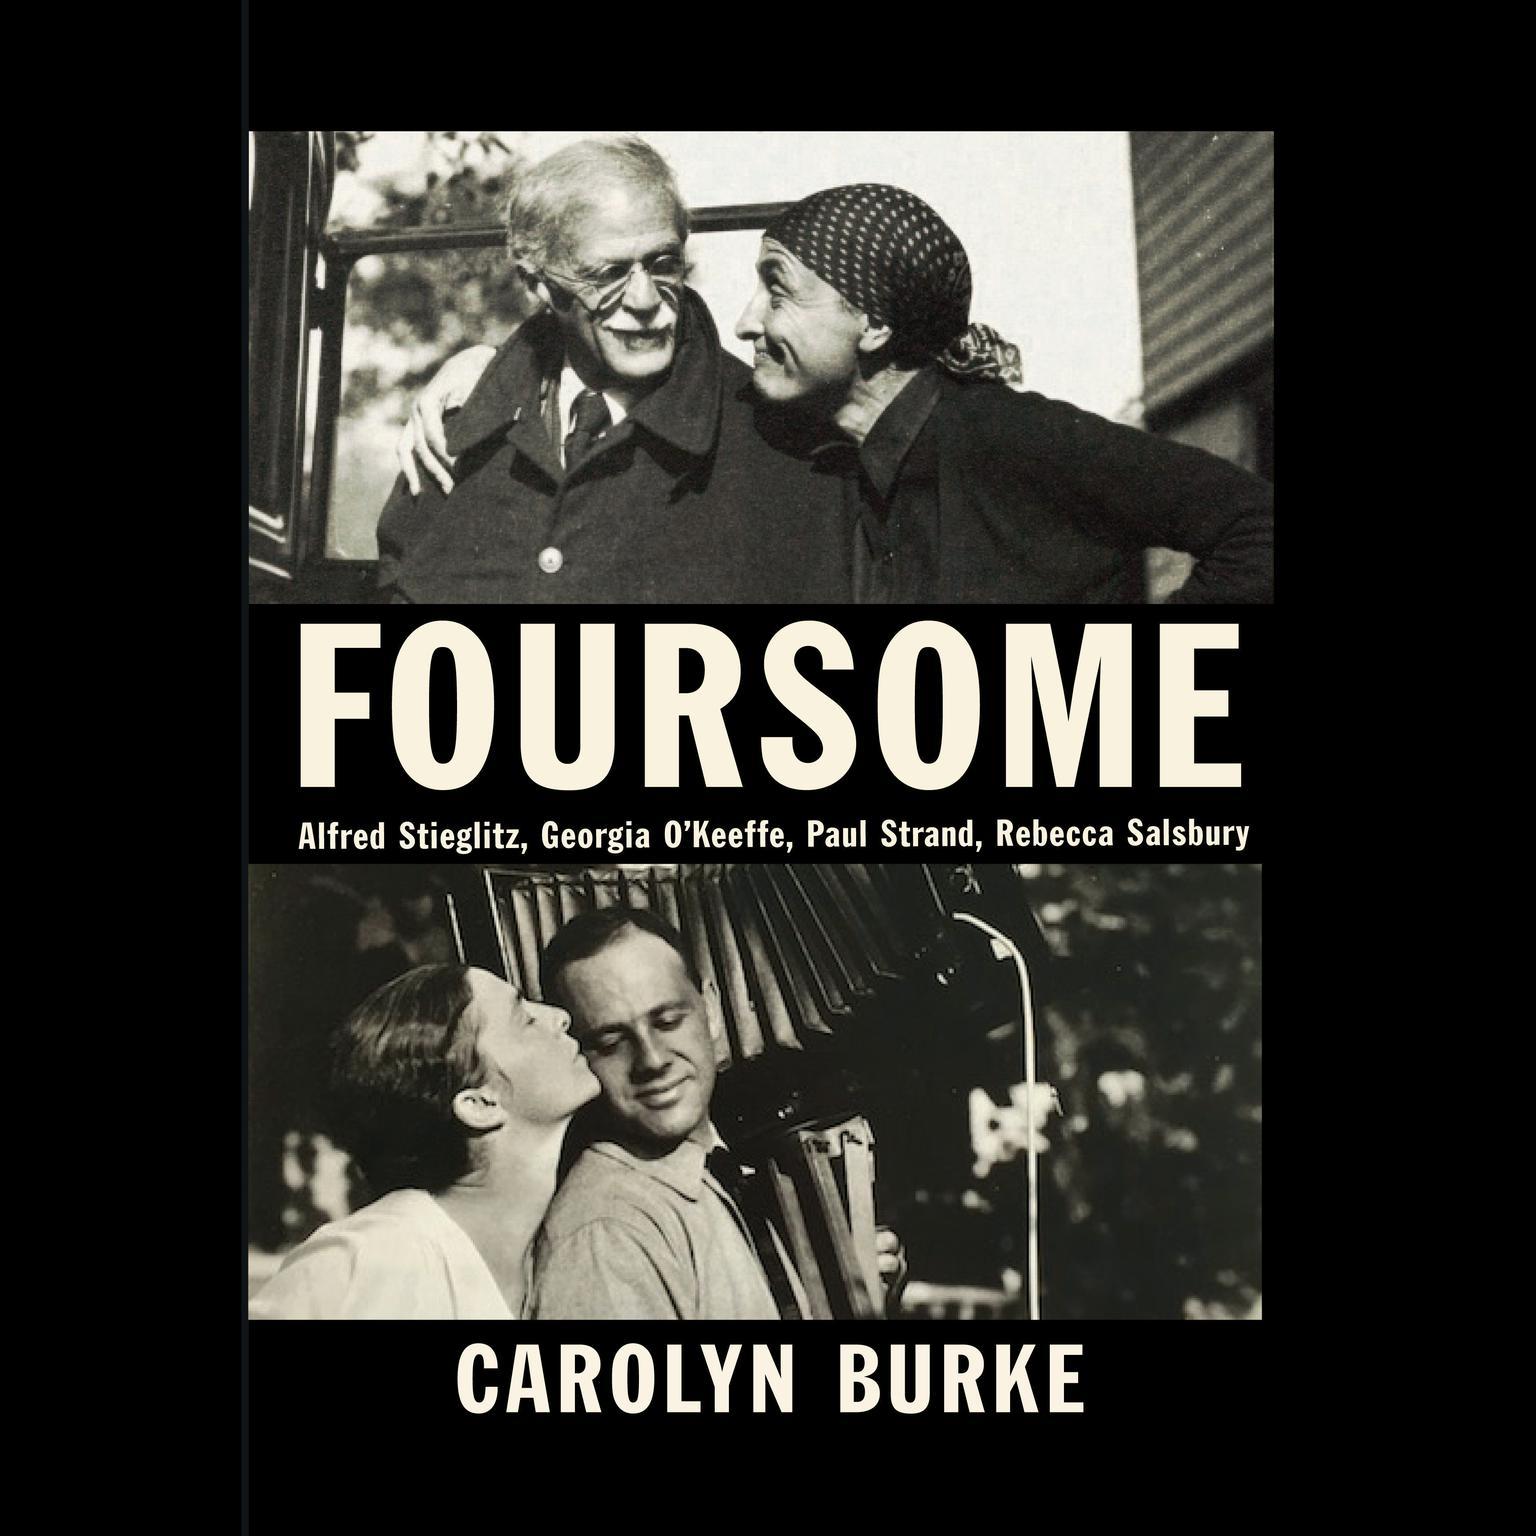 Printable Foursome: Alfred Stieglitz, Georgia O'Keeffe, Paul Strand, Rebecca Salsbury Audiobook Cover Art